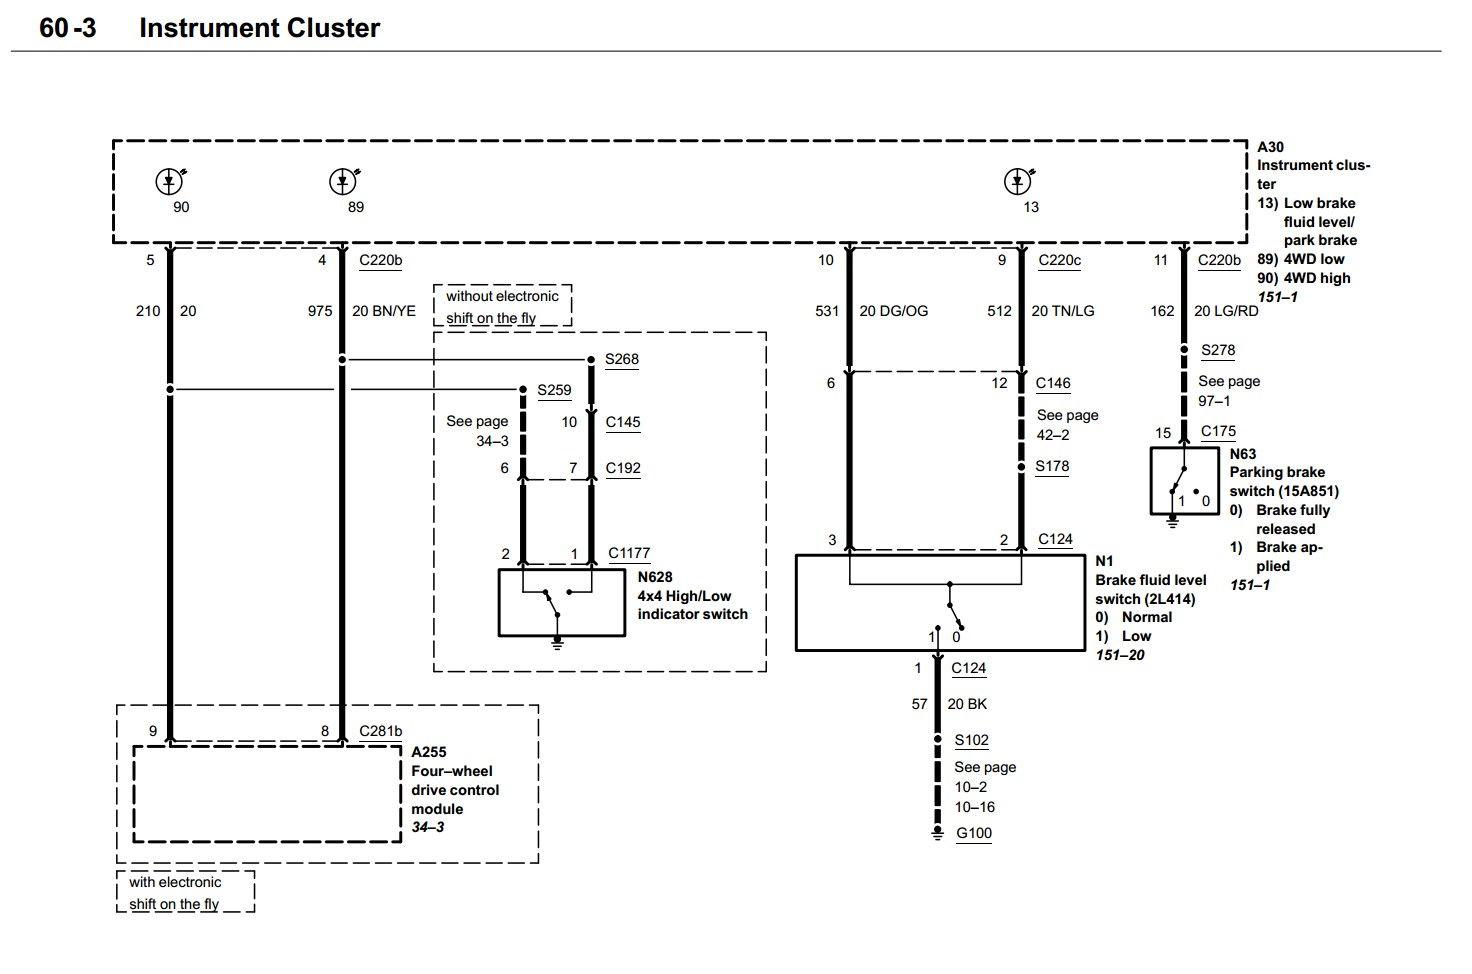 80 4x4_fig4_ffb317e43a57d49a0af609cd05b0d4ffd7f2bab1 wiring diagram 2002 f350 vsm gandul 45 77 79 119  at honlapkeszites.co